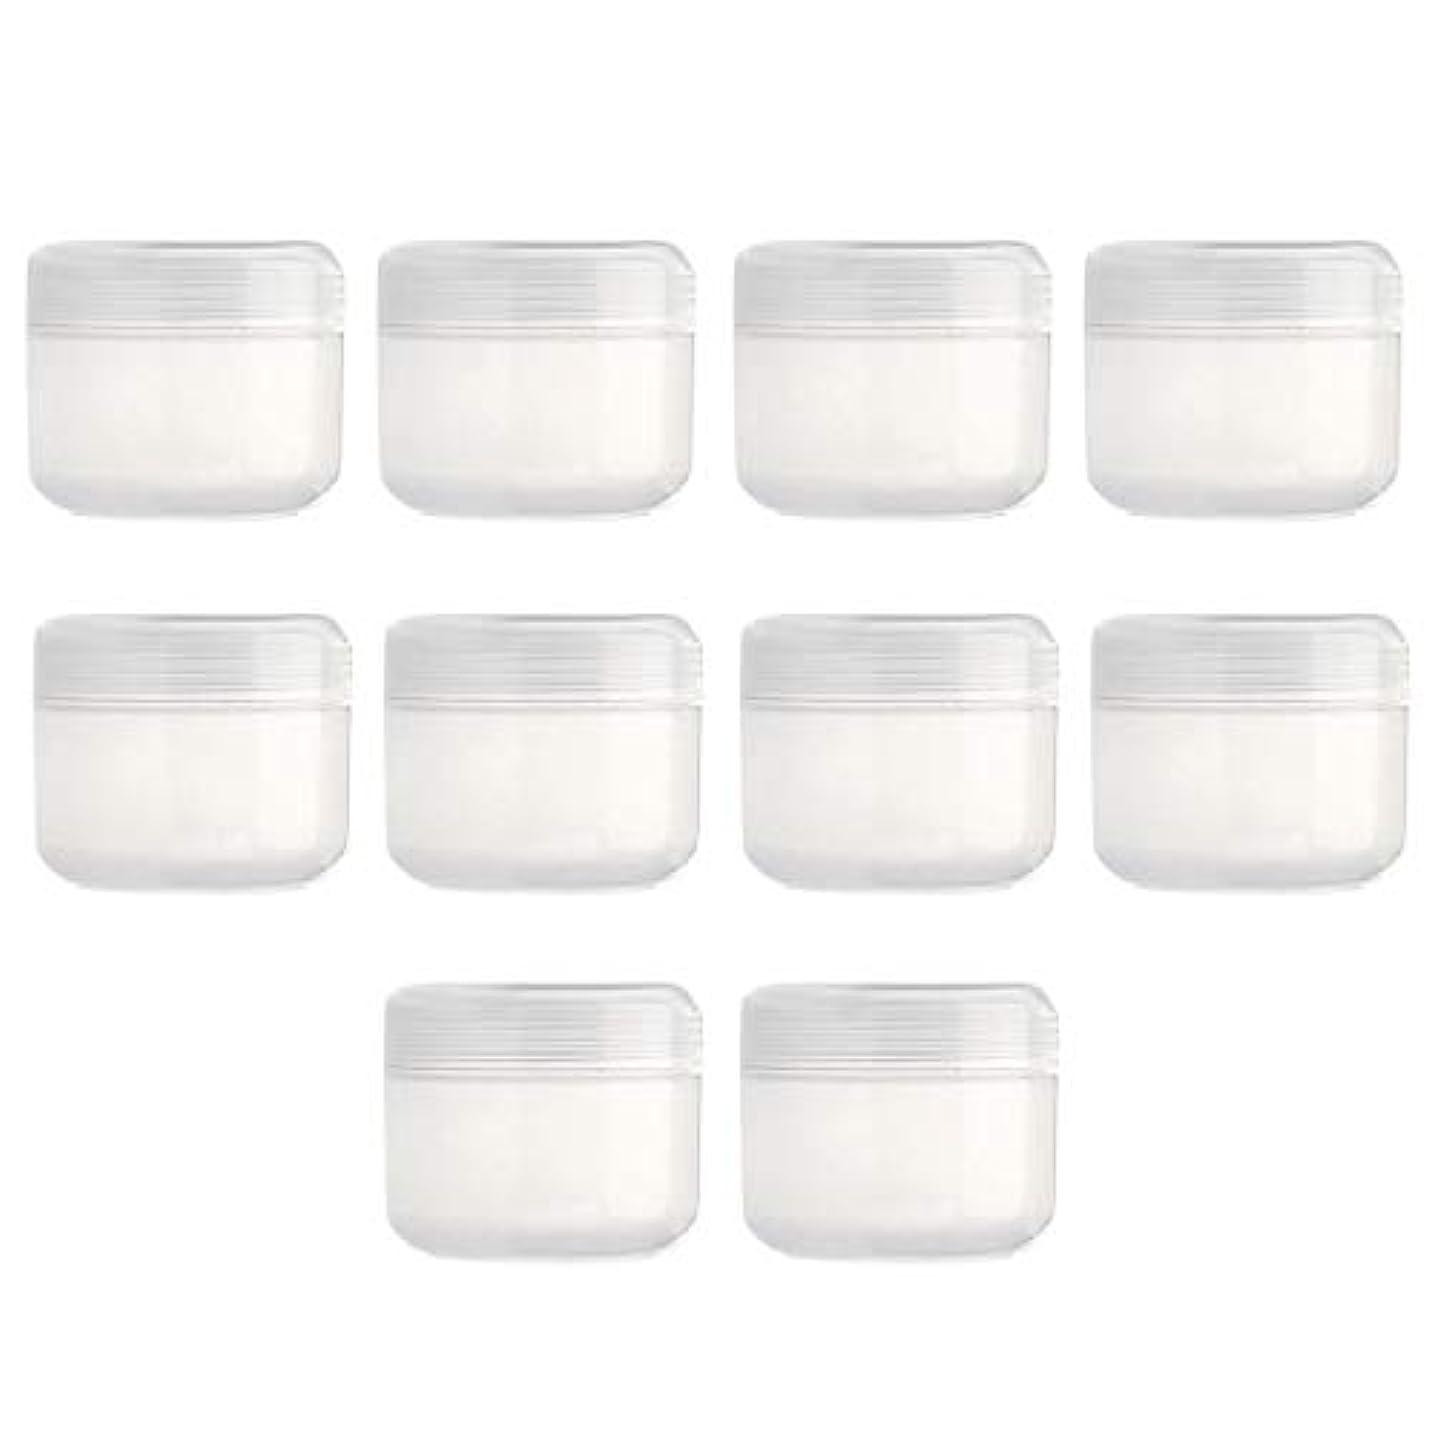 勤勉な天のヶ月目DYNWAVE 10個入り 空のボトル 旅行用 空のクリーム容器 詰替え容器 クリームボトル 化粧品容器 全15色 - クリア50g